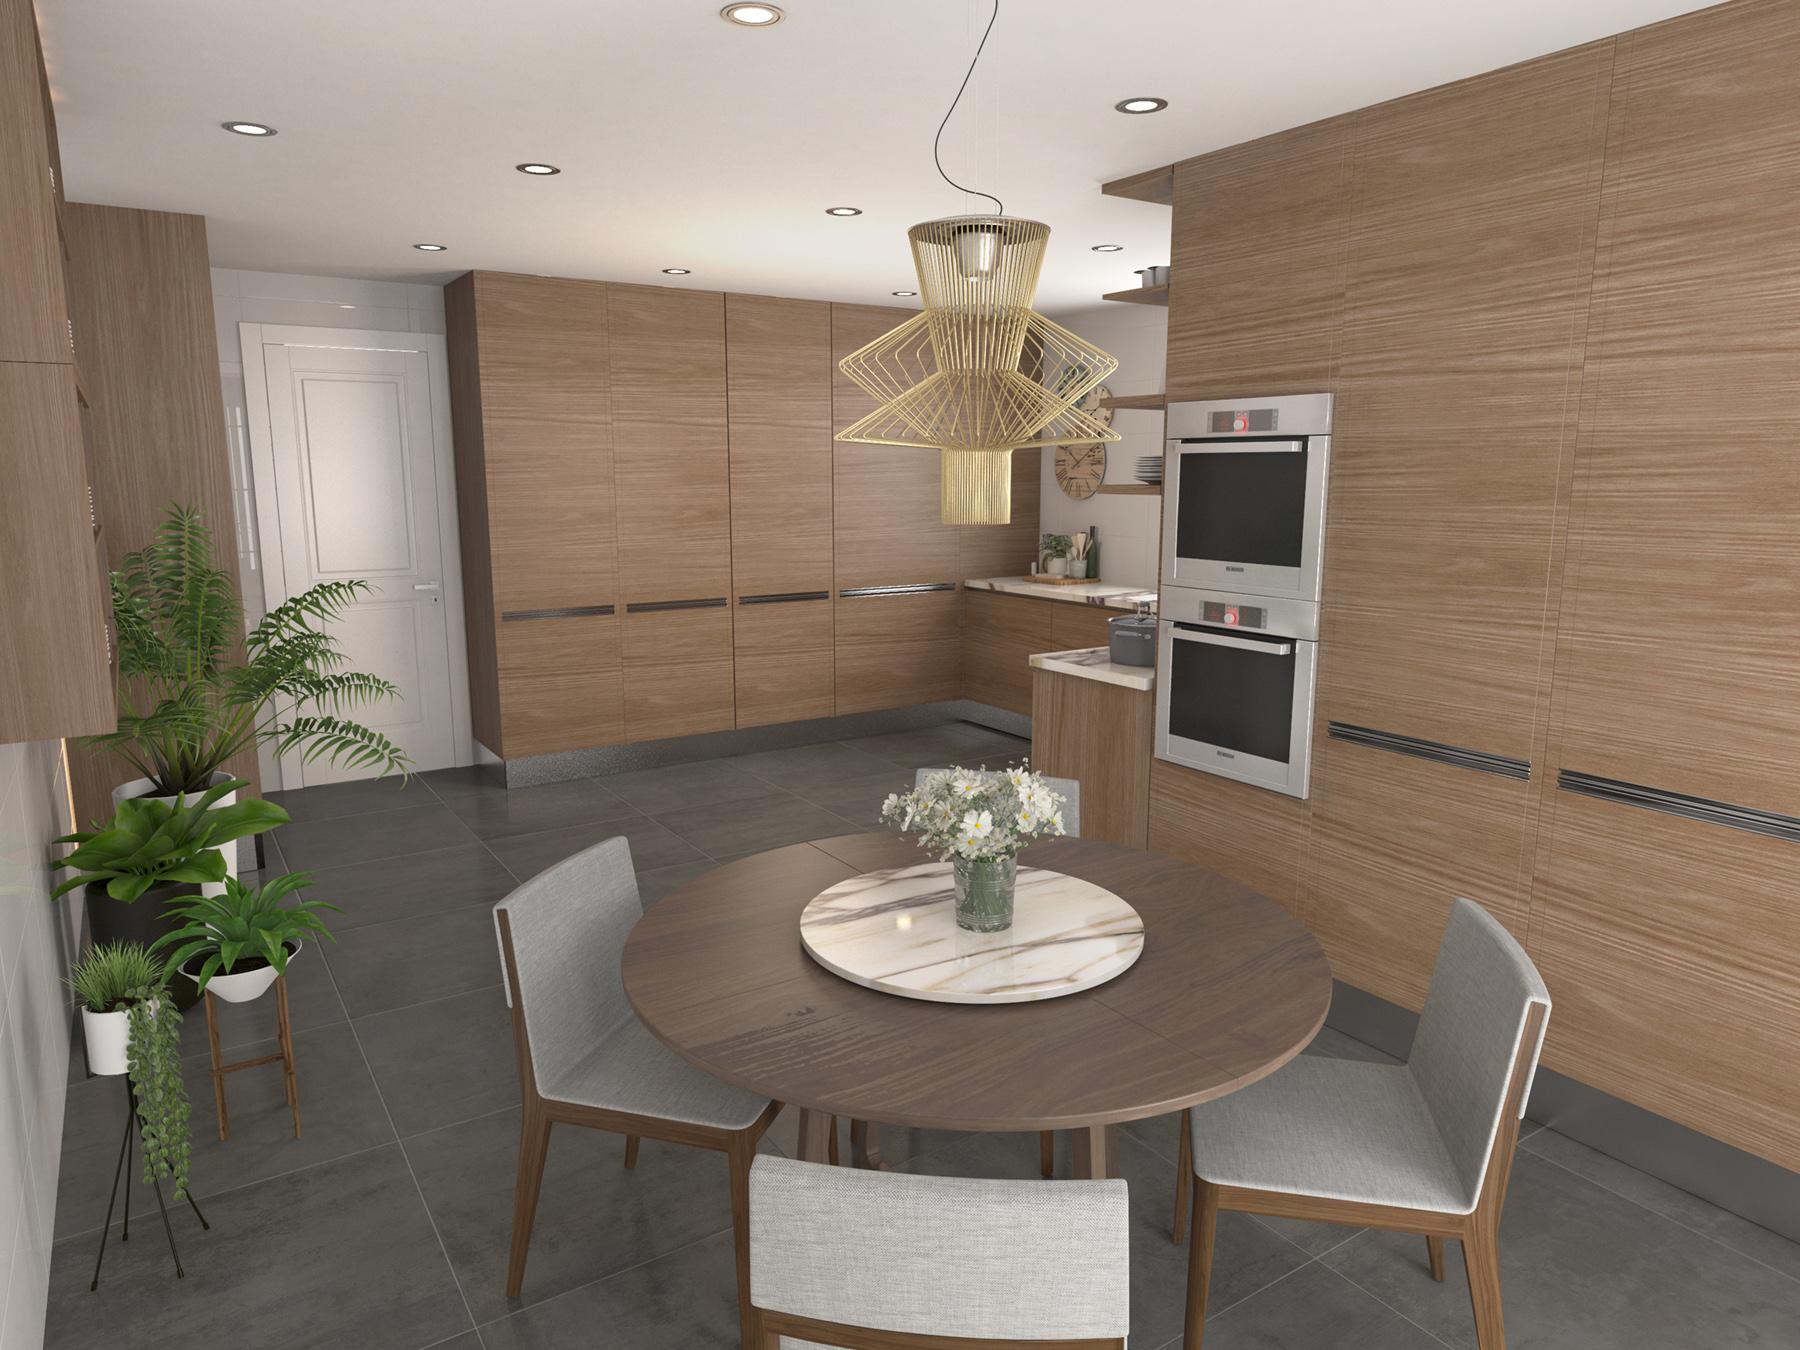 Dise o 3d cocina valencia - Diseno cocina 3d ...